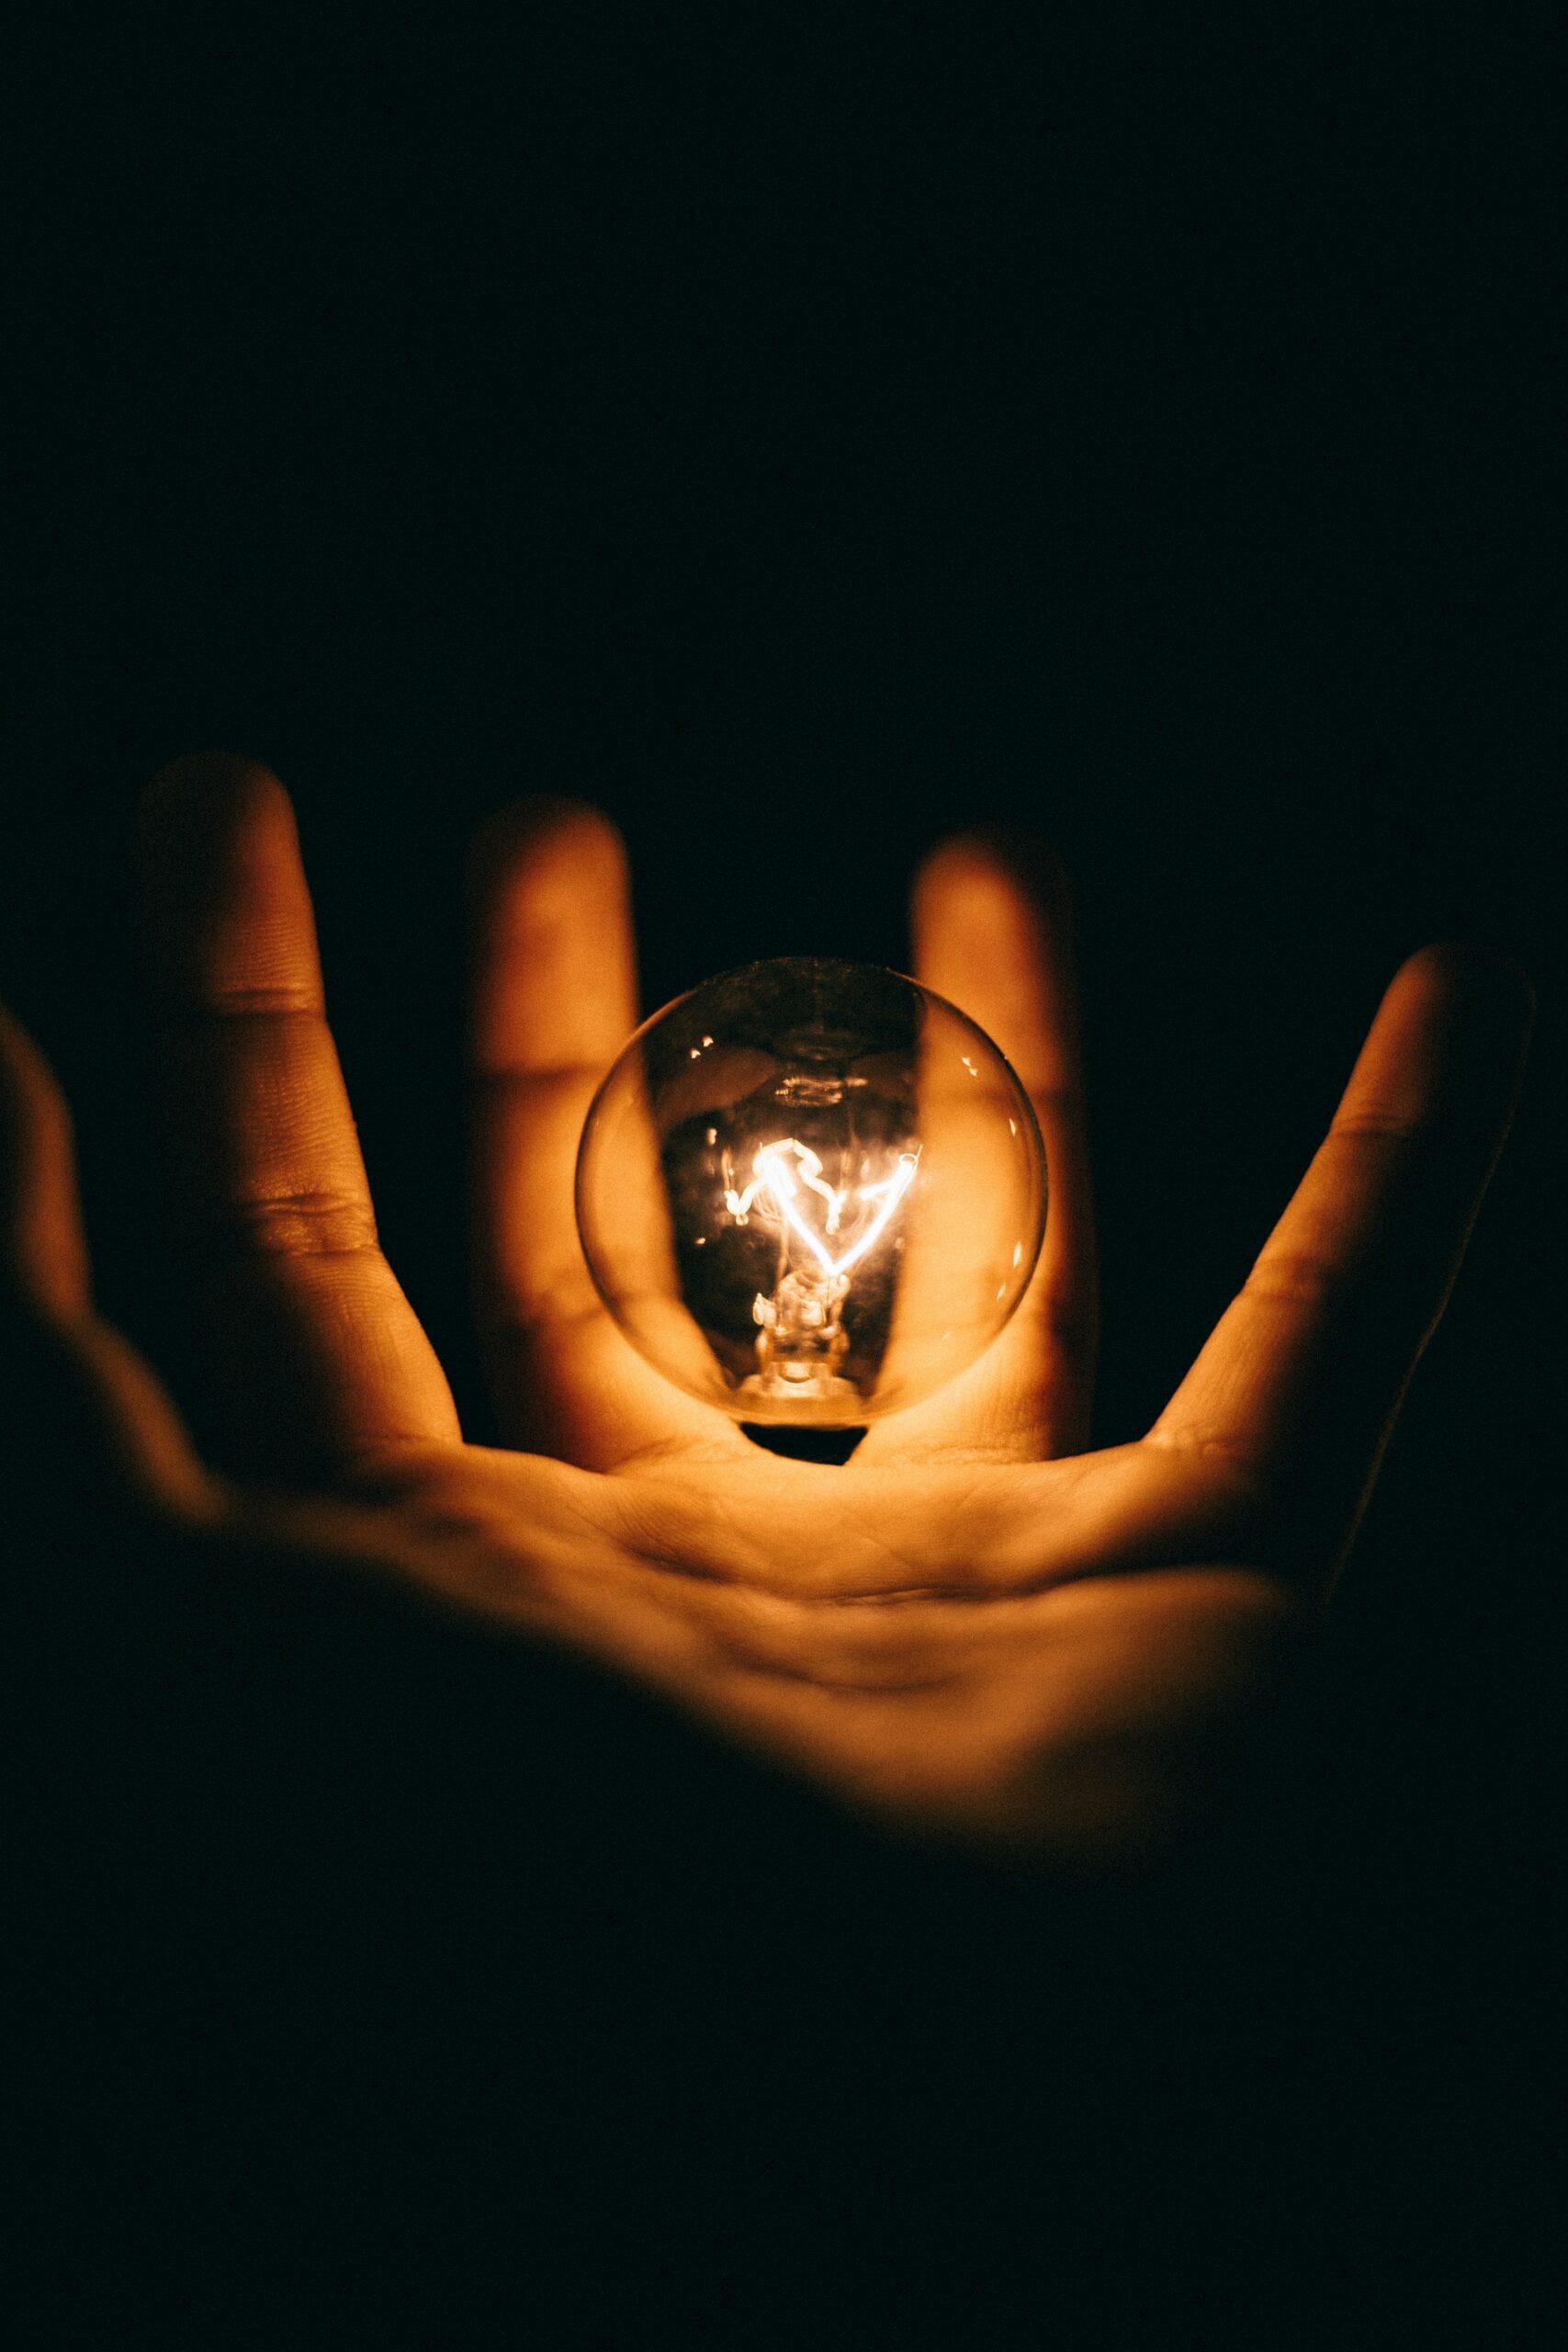 une ampoule éclairée représentant le progrès de la science